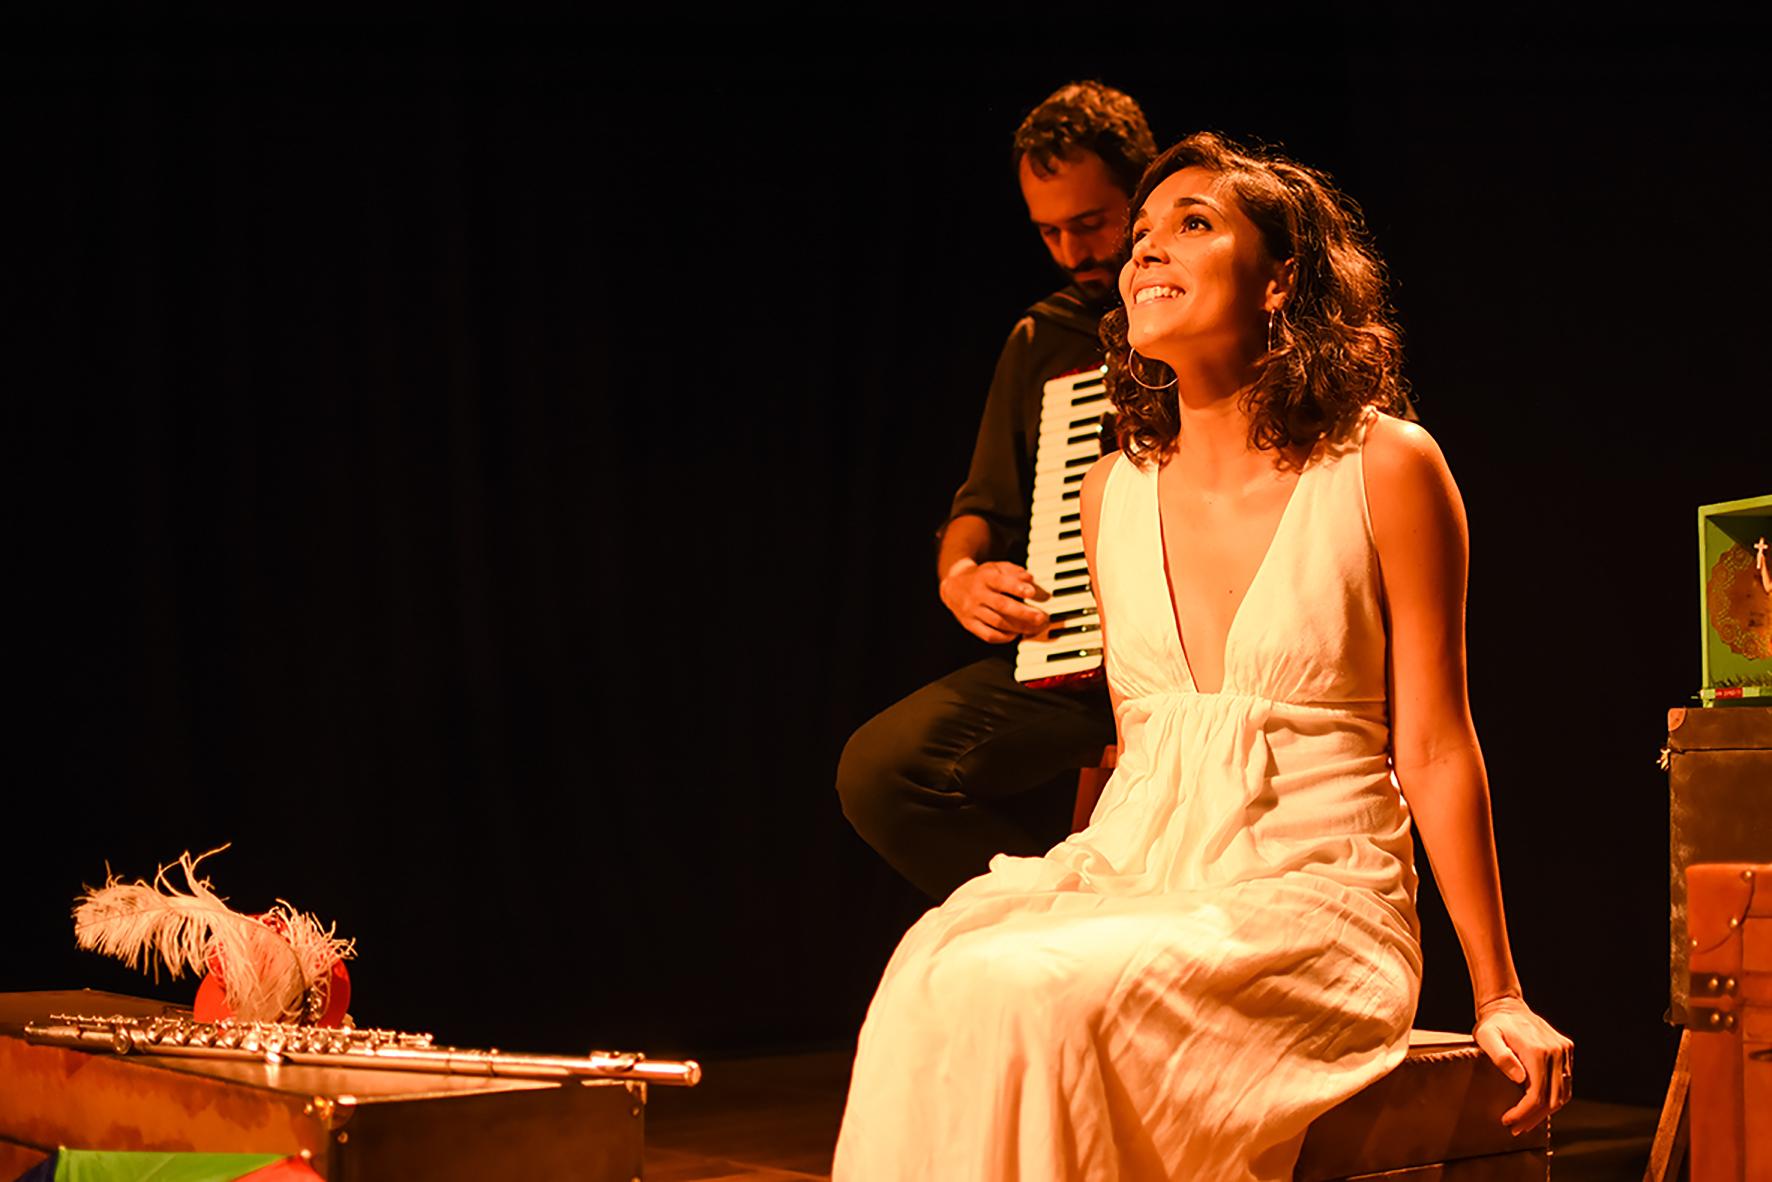 Claire Nativel interpreta clássicos brasileiros em francês